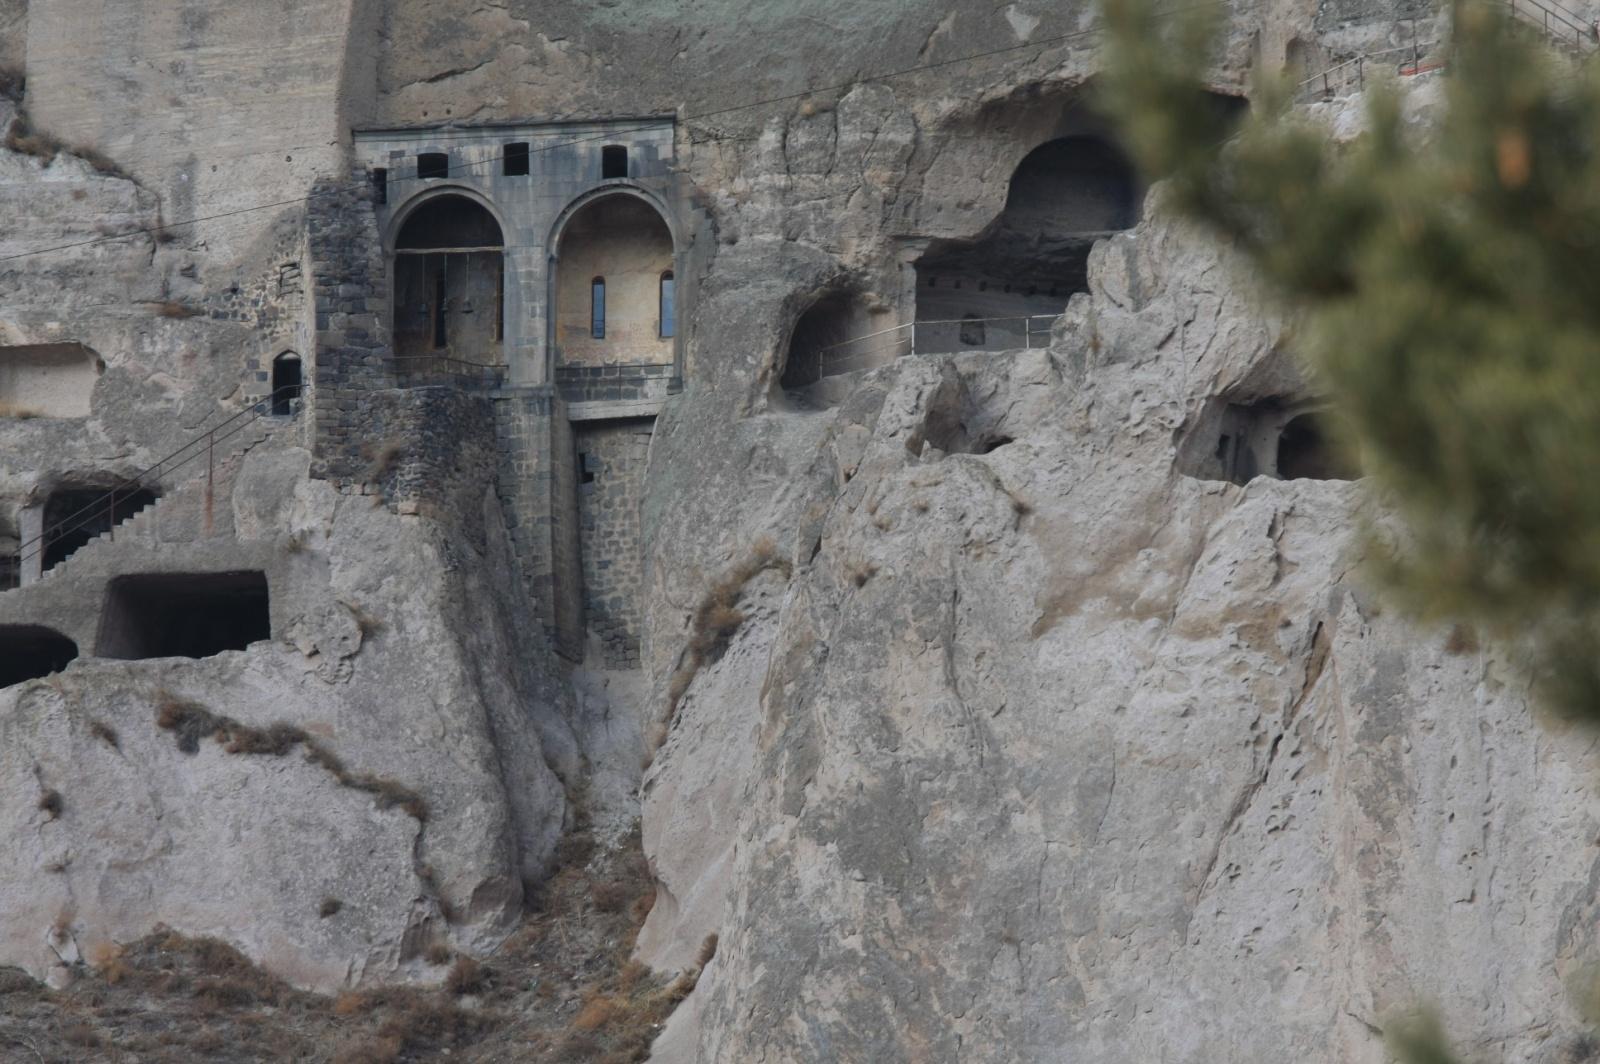 An 11th century church dug in the stone